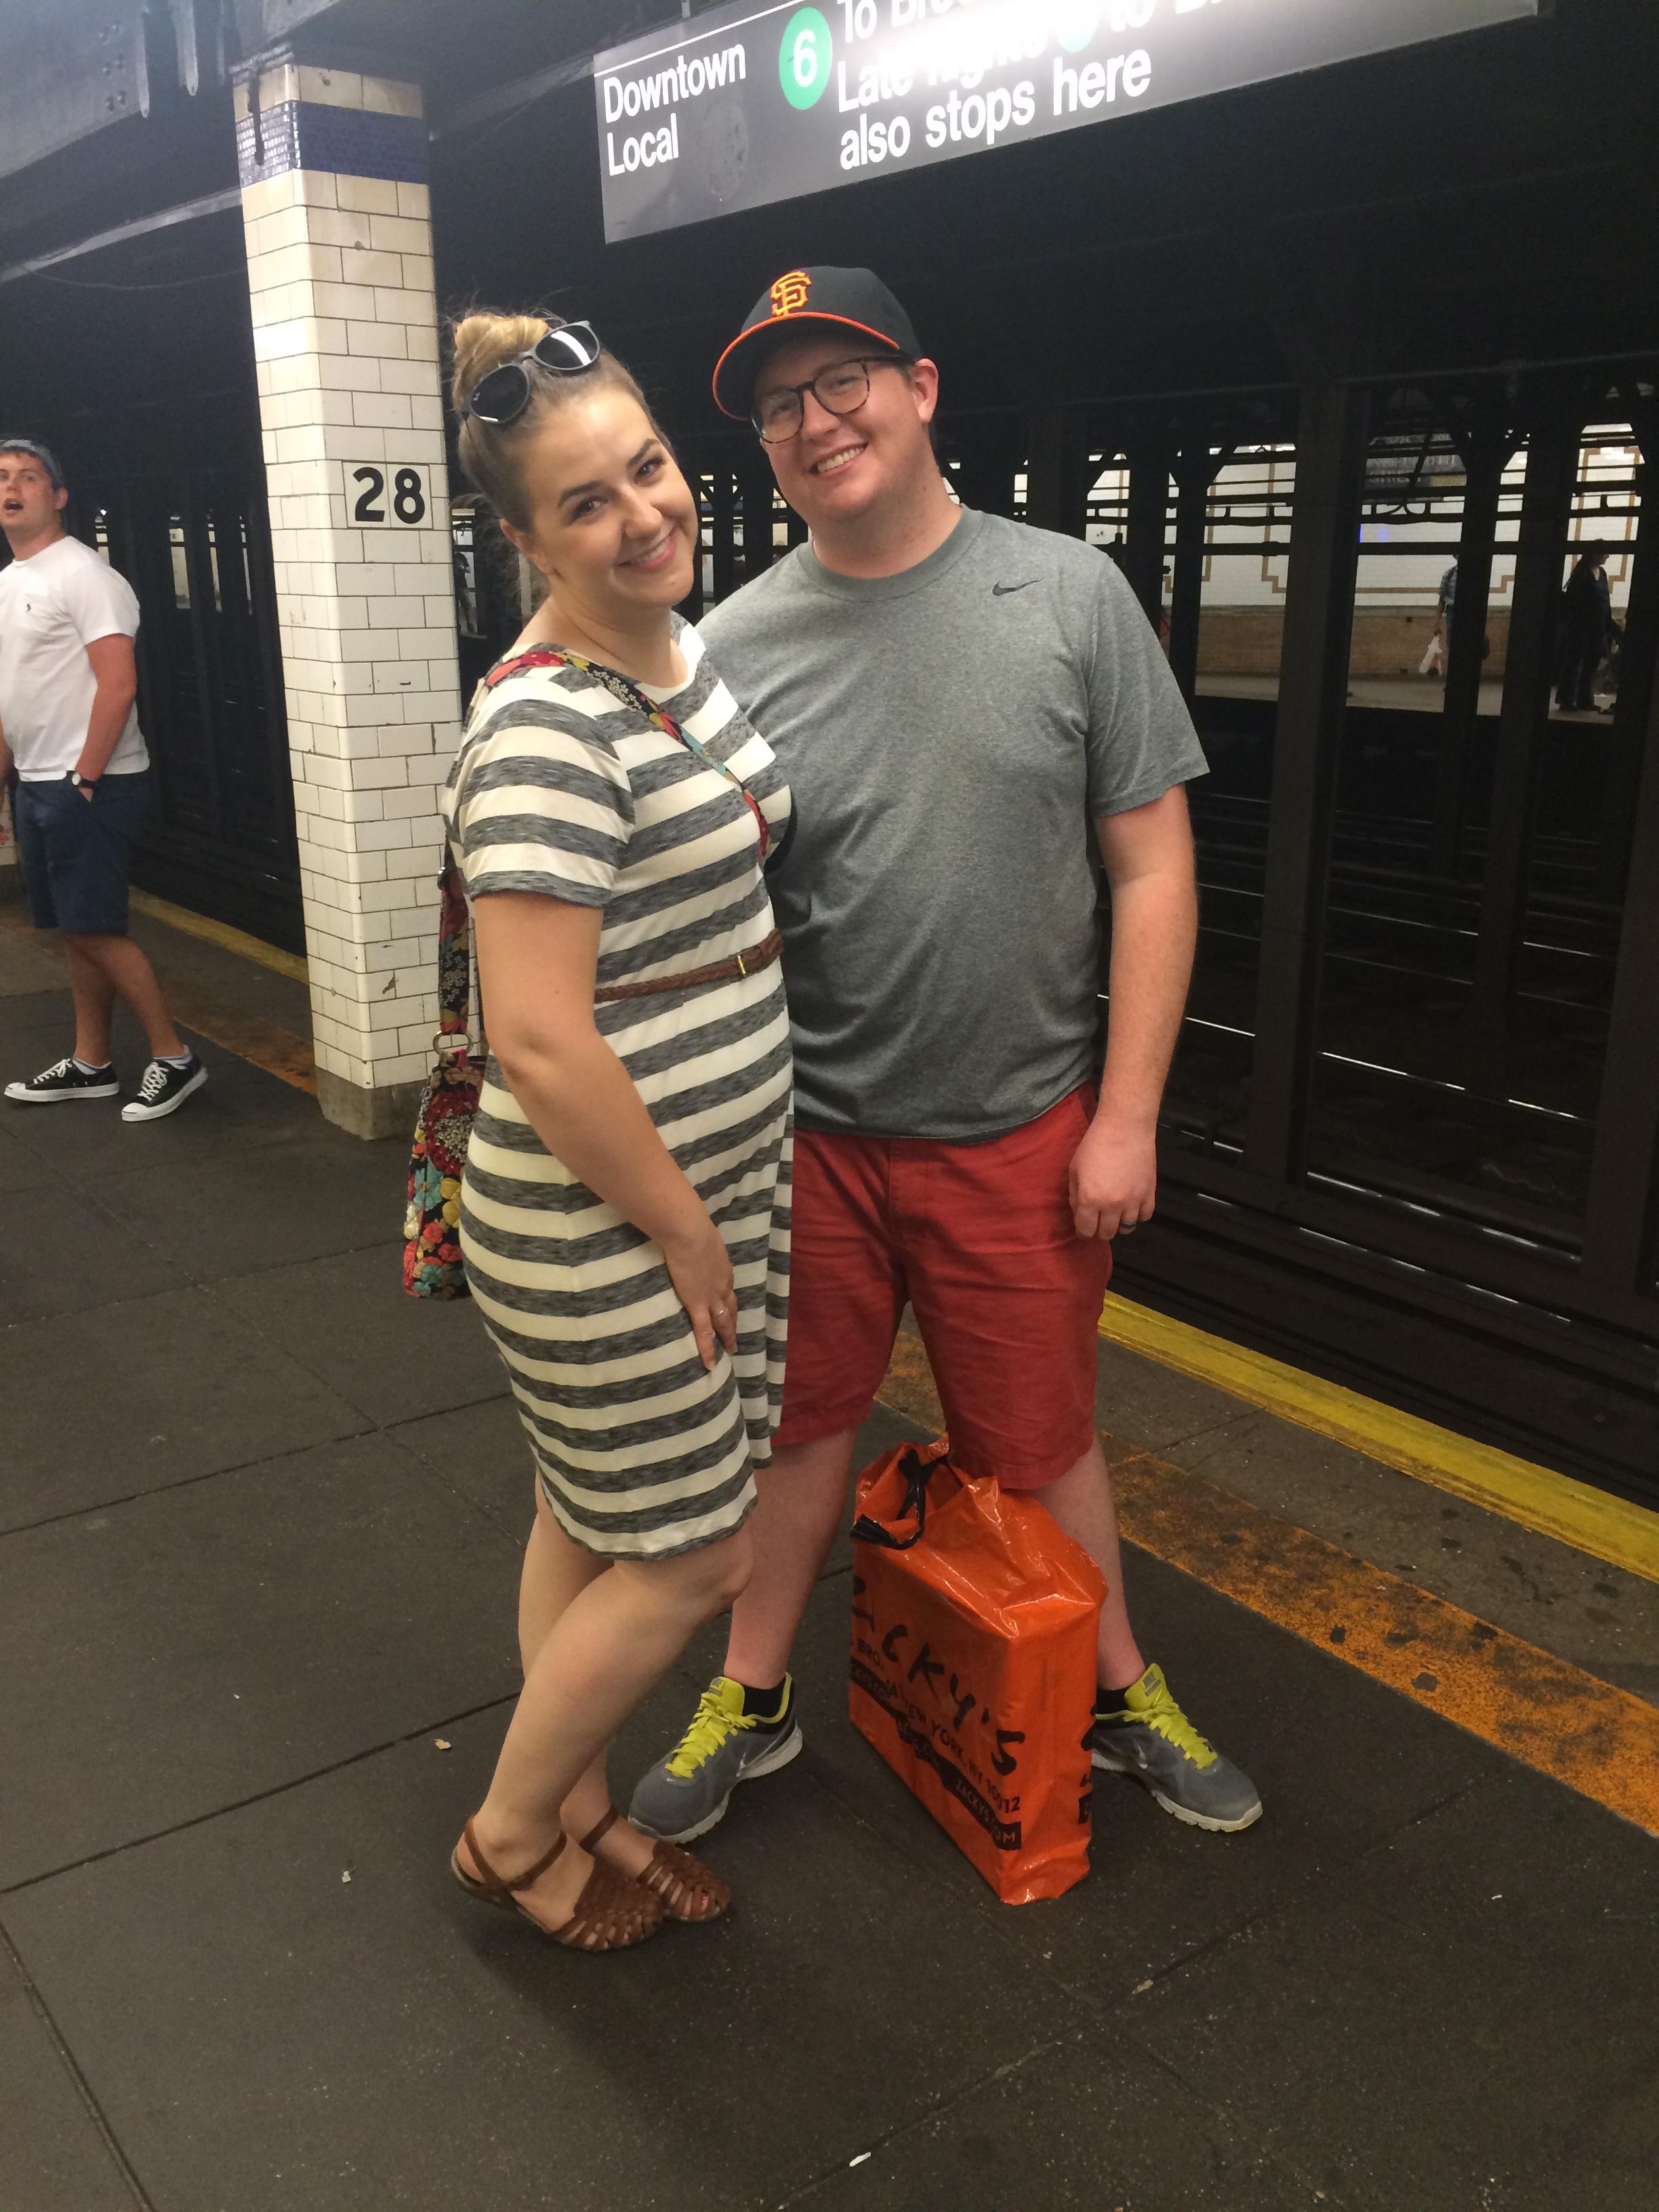 NY, NY June 14, 2015 731